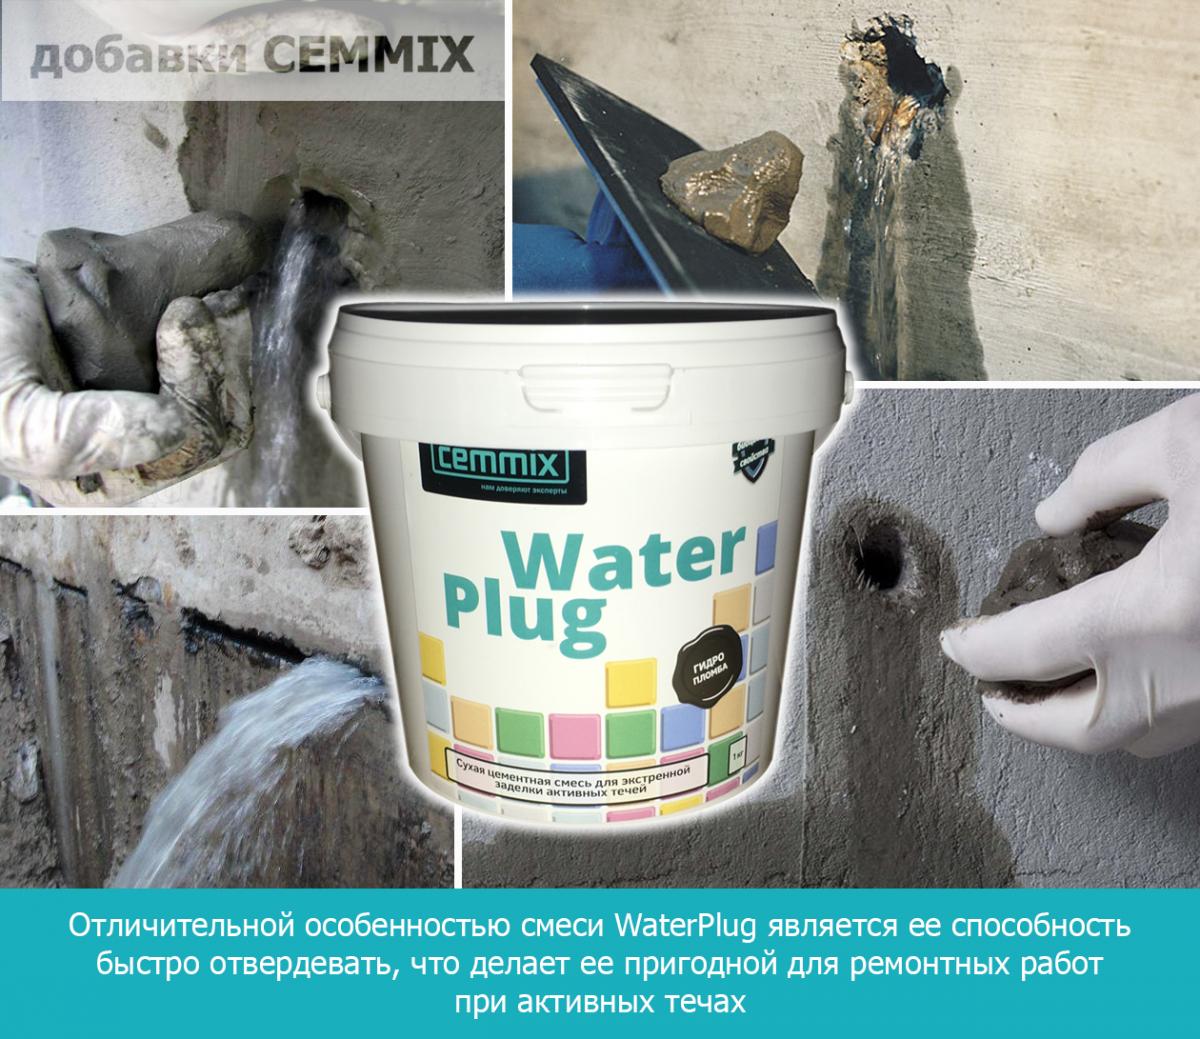 Отличительной особенностью смеси WaterPlug является ее способность быстро отвердевать, что делает ее пригодной для ремонтных работ при активных течах